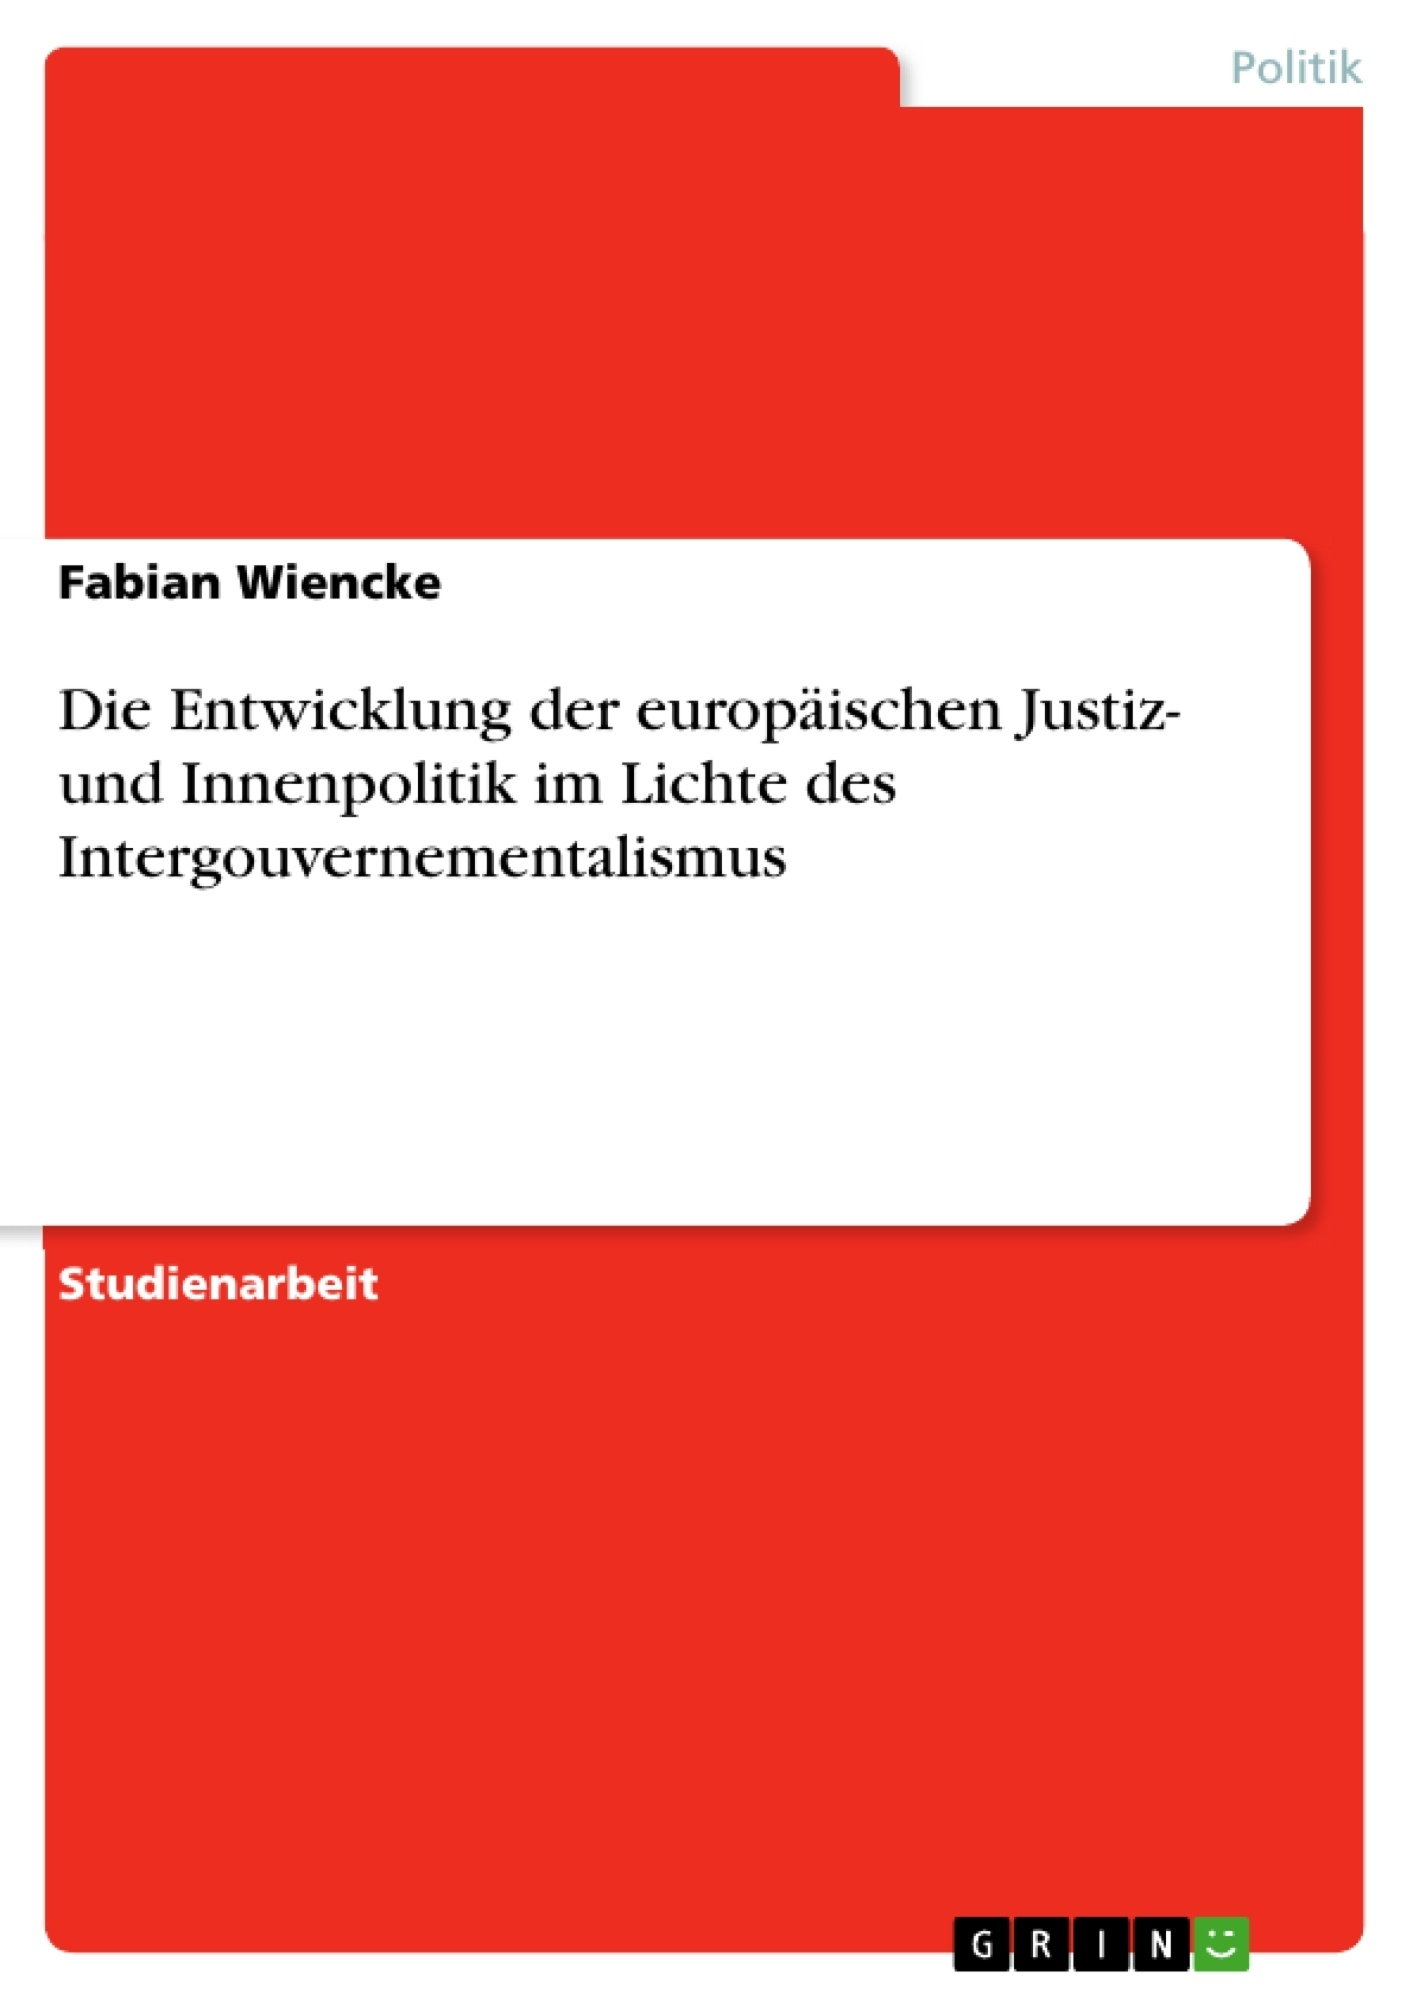 Titel: Die Entwicklung der europäischen Justiz- und Innenpolitik im Lichte des Intergouvernementalismus